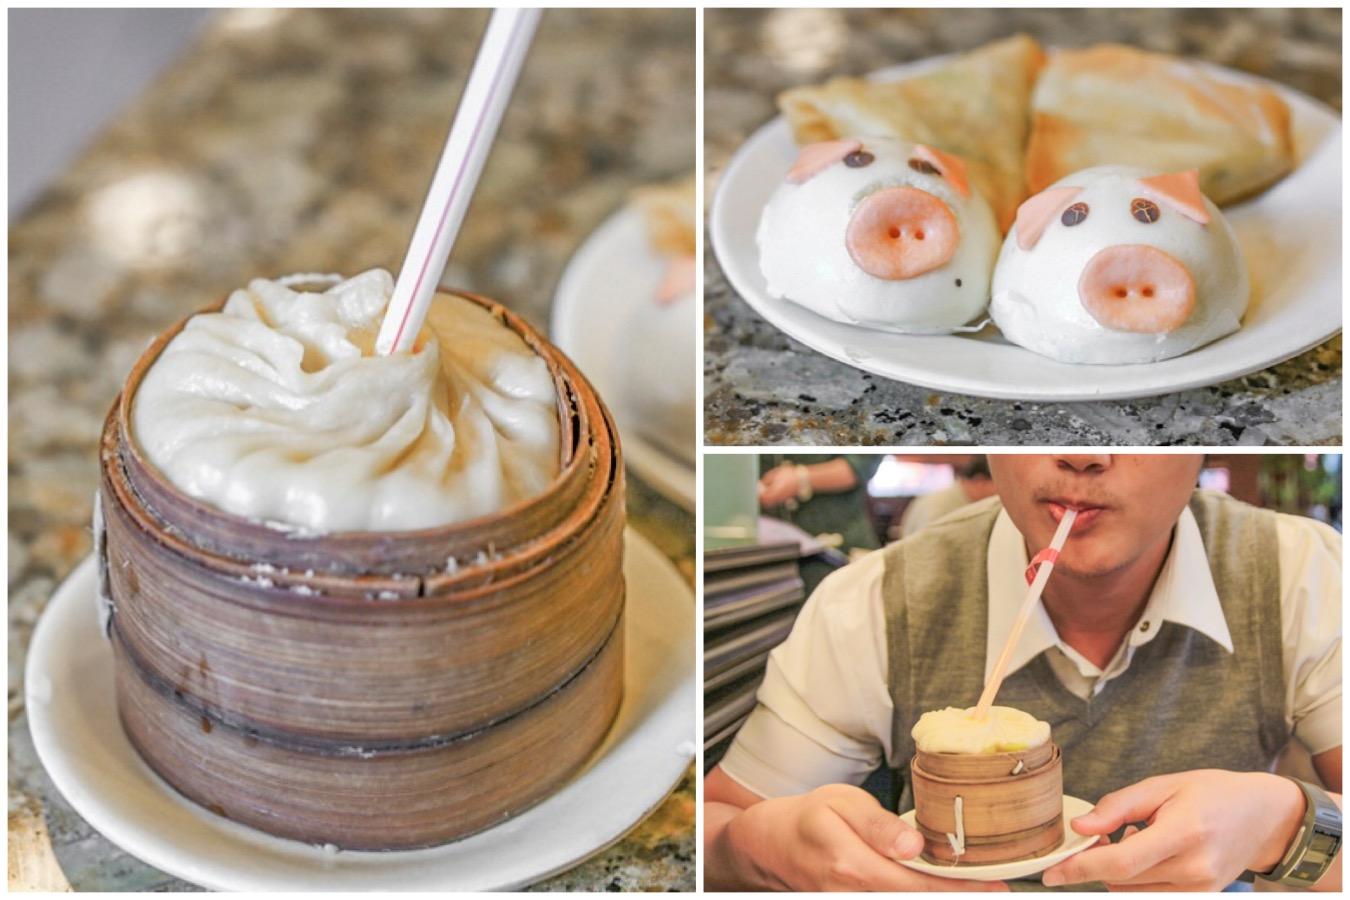 Nanxiang Steamed Bun Restaurant 南翔馒头店 – Iconic Shanghai Xiao Long Bao Located Within Yu Yuan Gardens